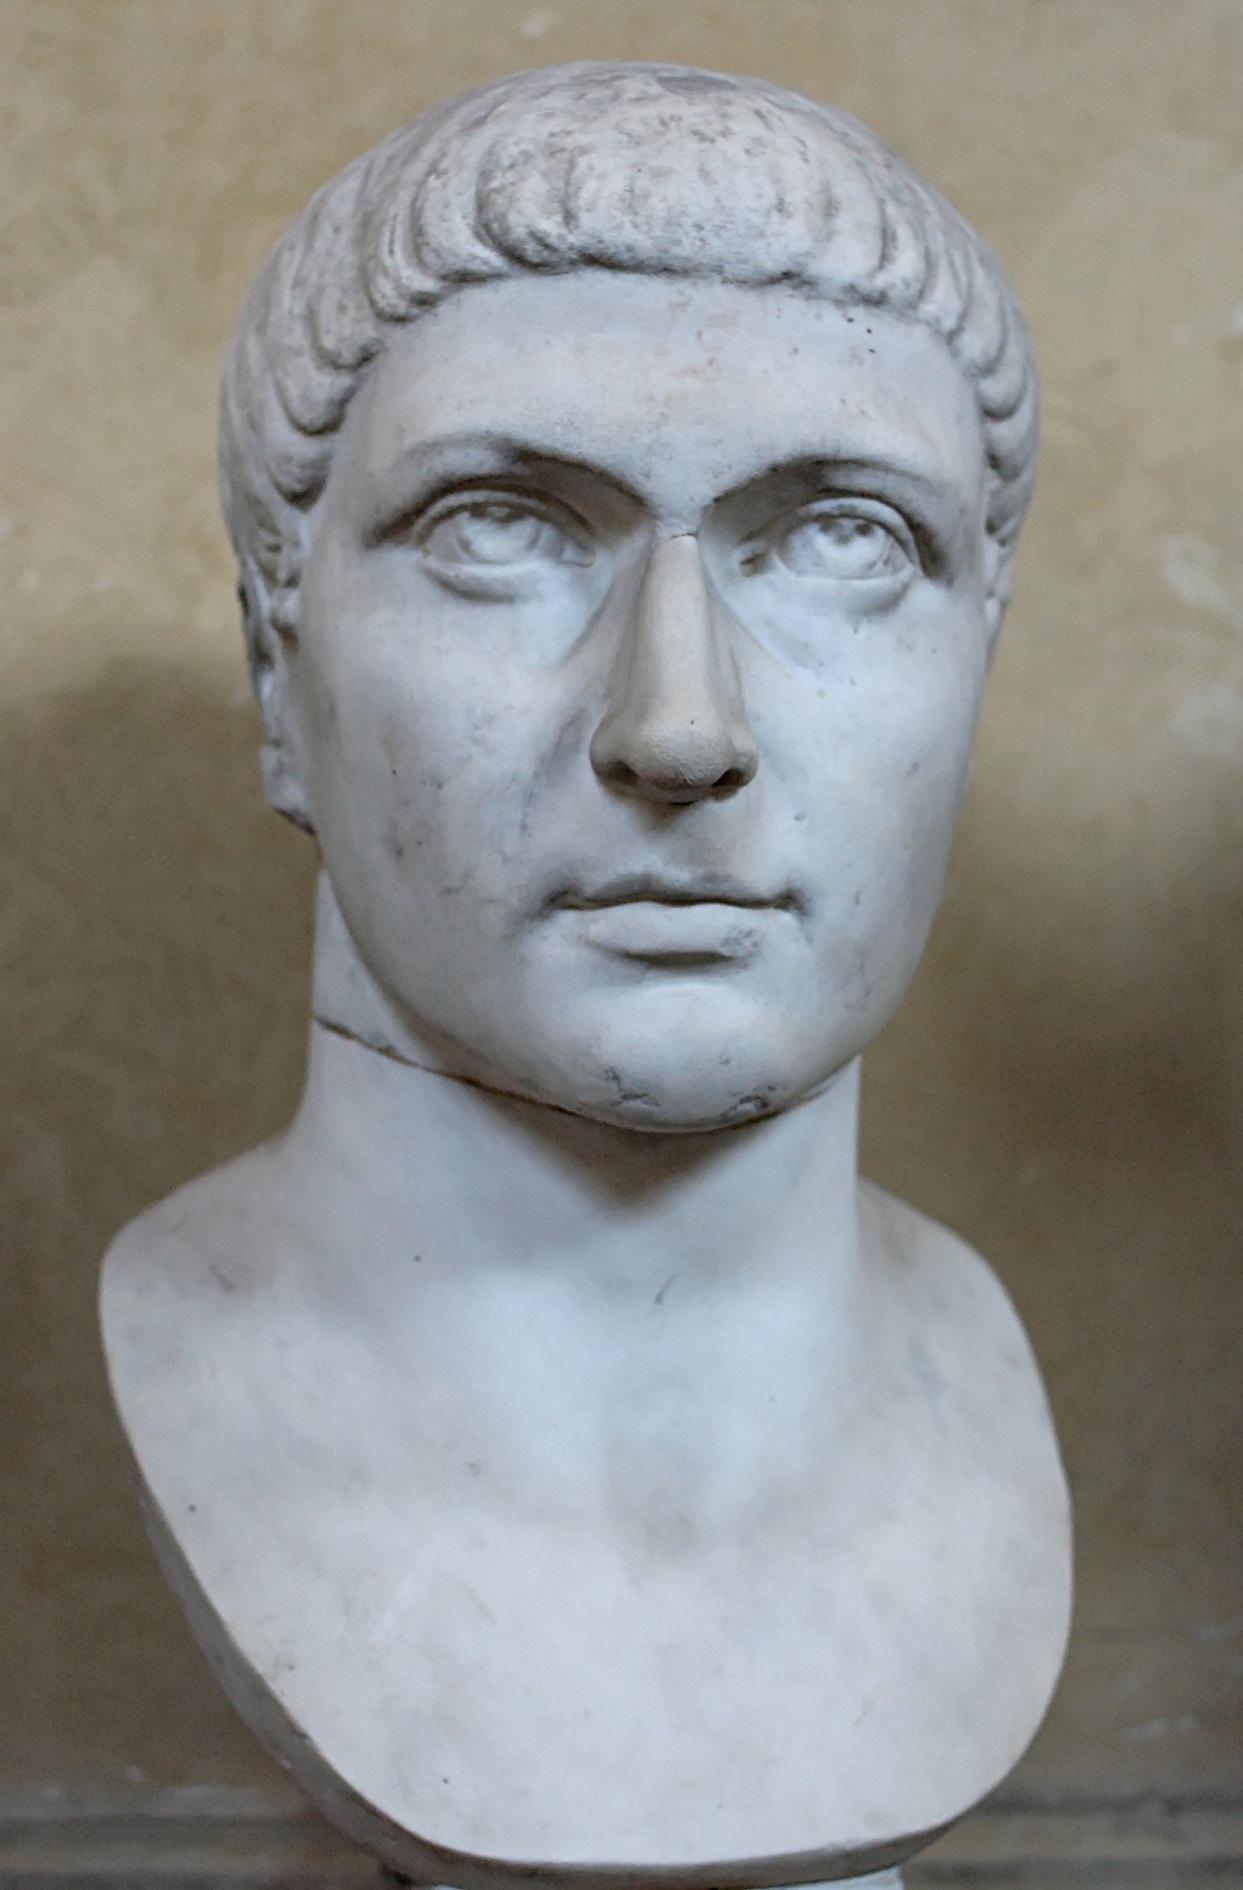 Chrám, který nechal vystavět císař Konstantin I., lehl při zemětřesení popelem.